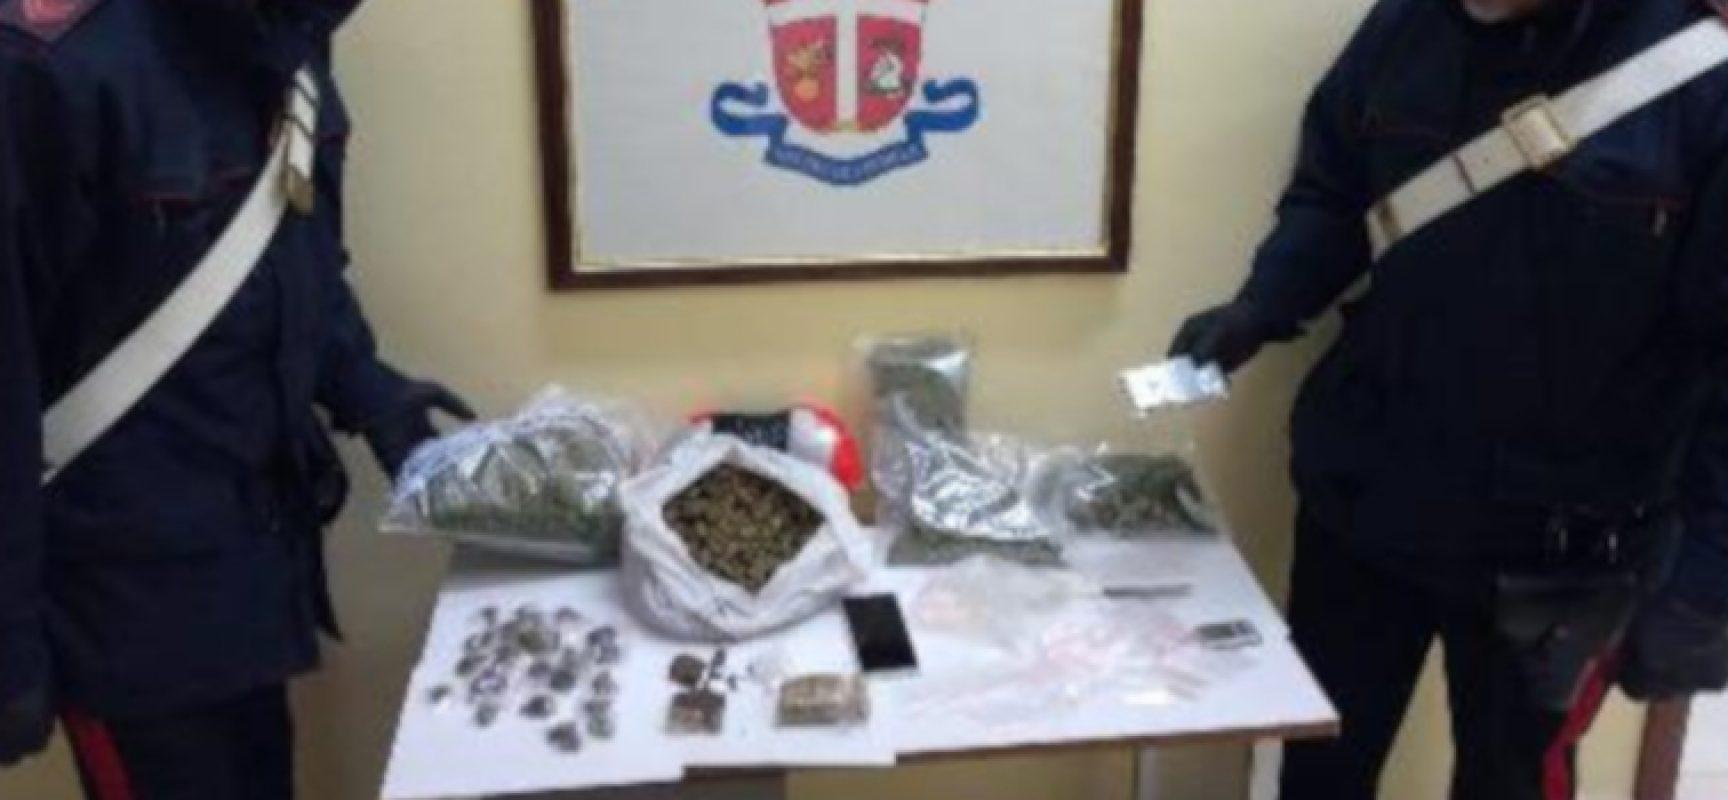 Ventenne biscegliese in manette per detenzione di un chilo e mezzo di sostanze stupefacenti